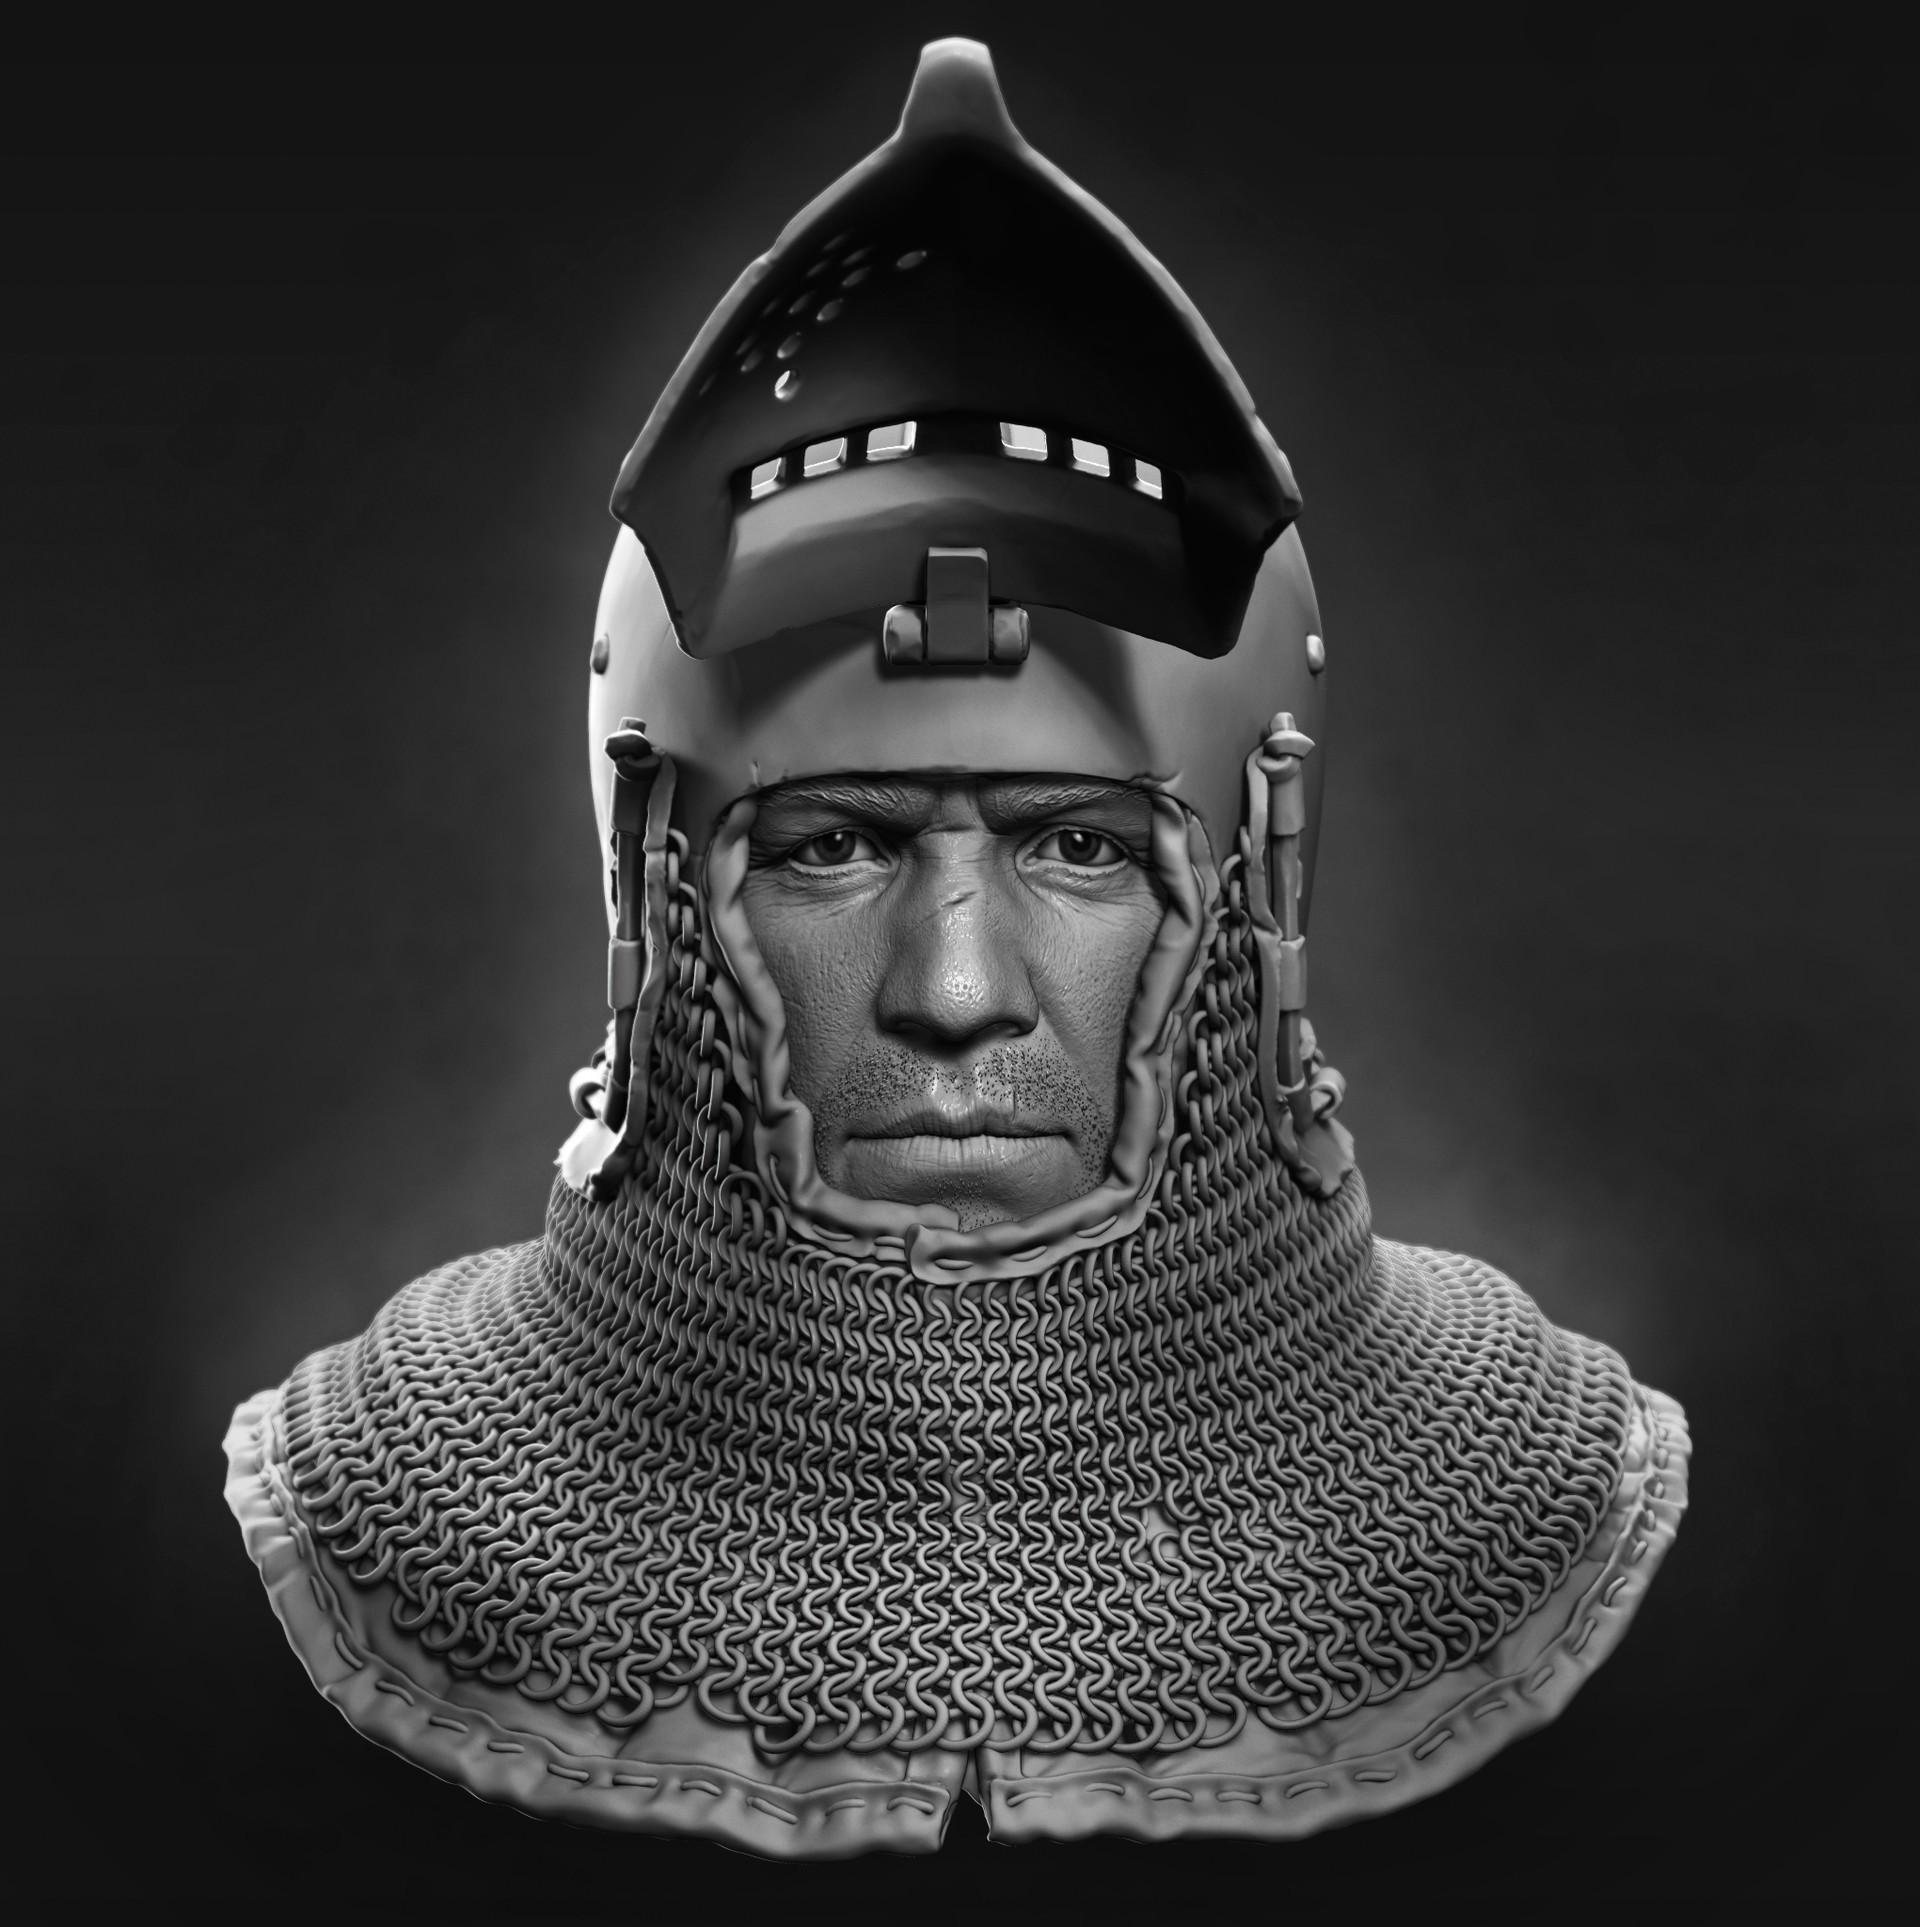 Petr sokolov artpity knight hp helmet final